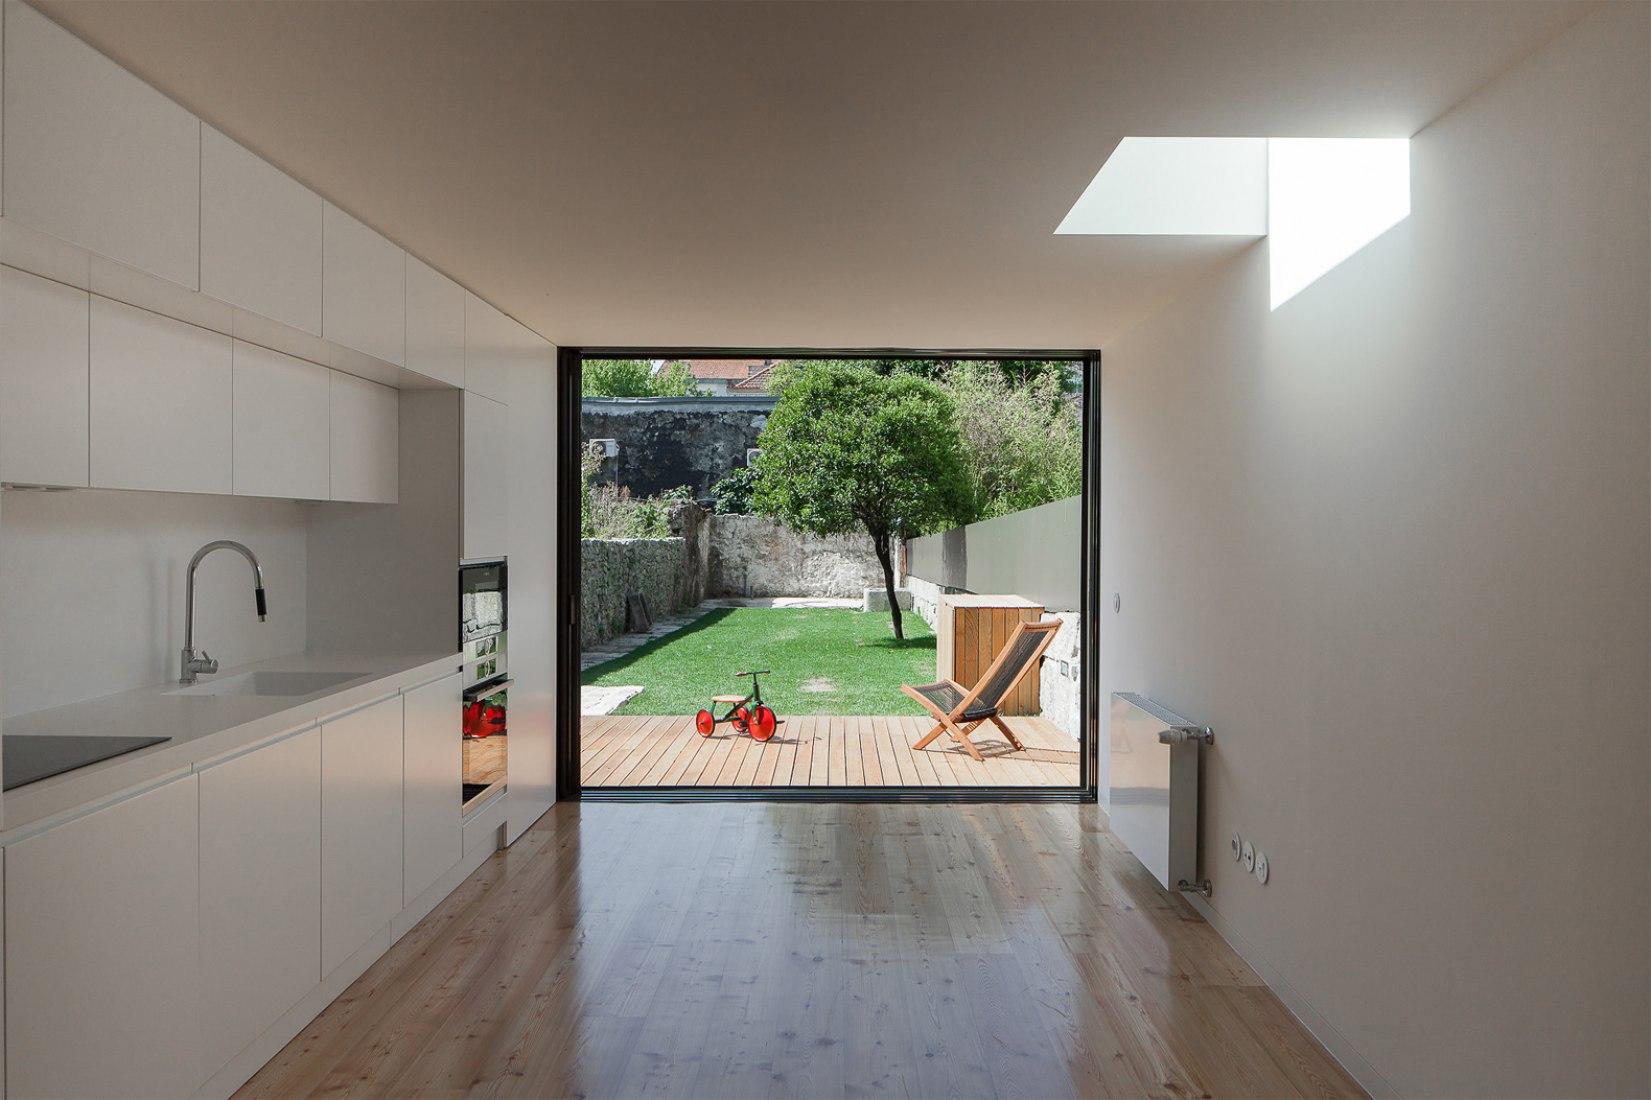 Casa Boavista por Pablo Pita Architects. Vista interior de la zona social, cocina hacia la terraza. Fotografía © José Campos.